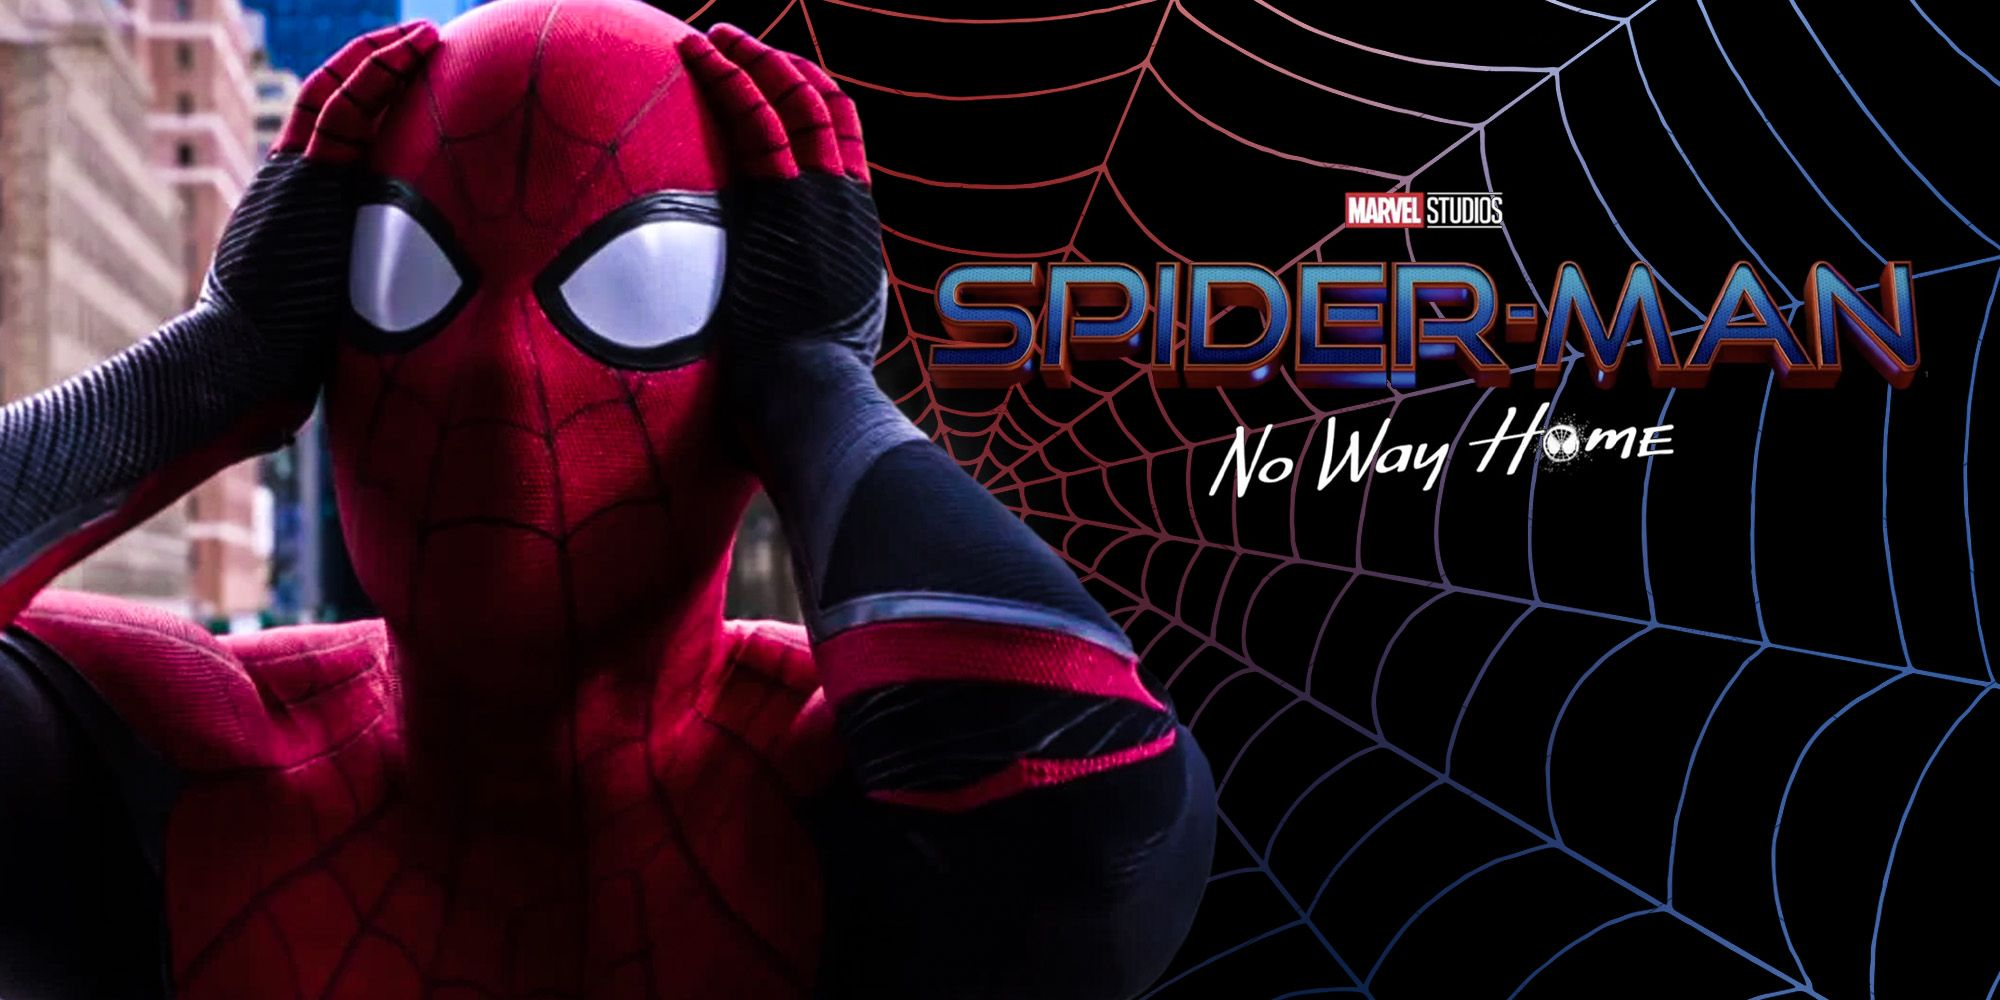 yeni spider-man filminin adı